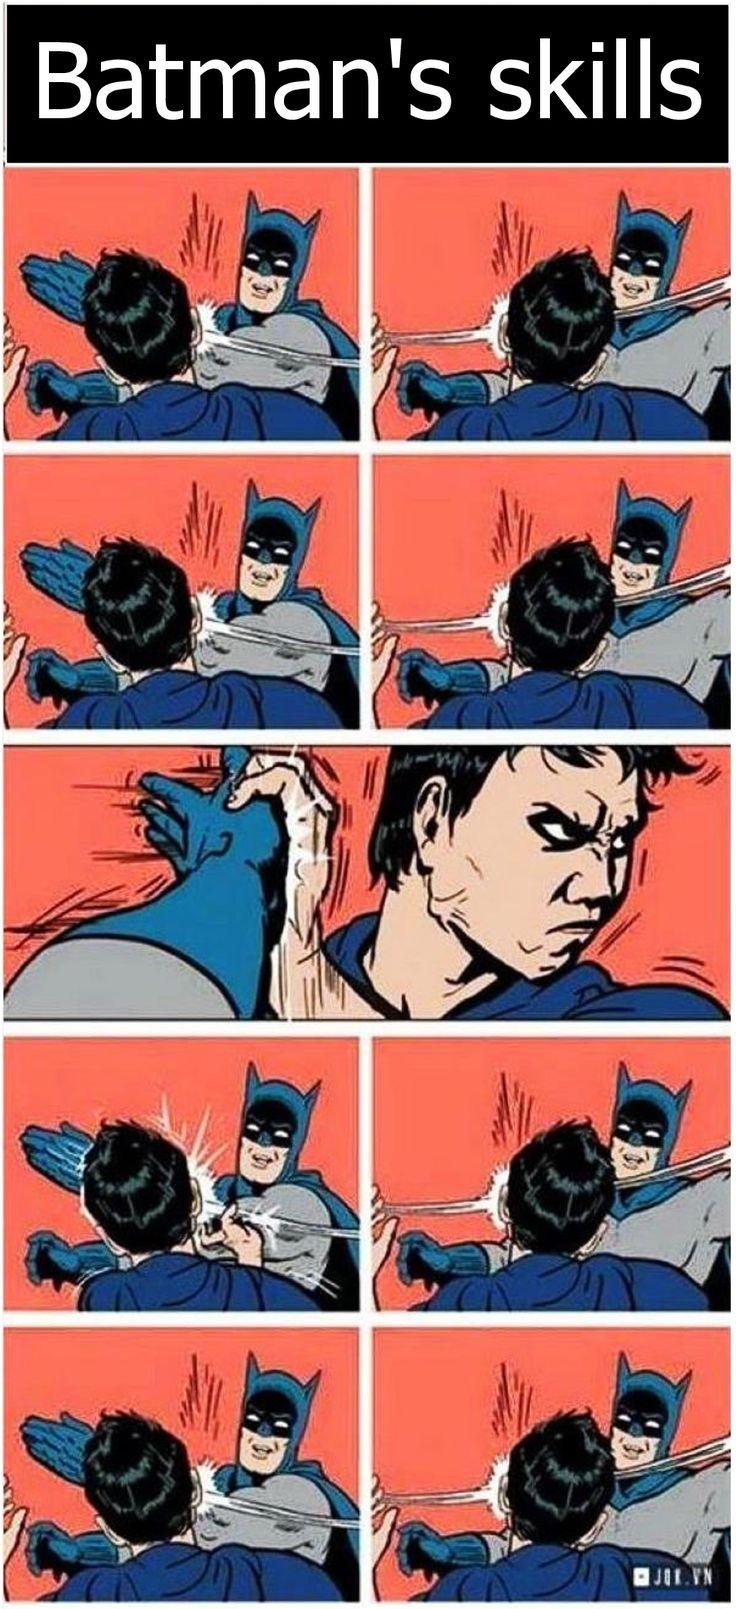 Batman's skills. http://ift.tt/2l1Juzo